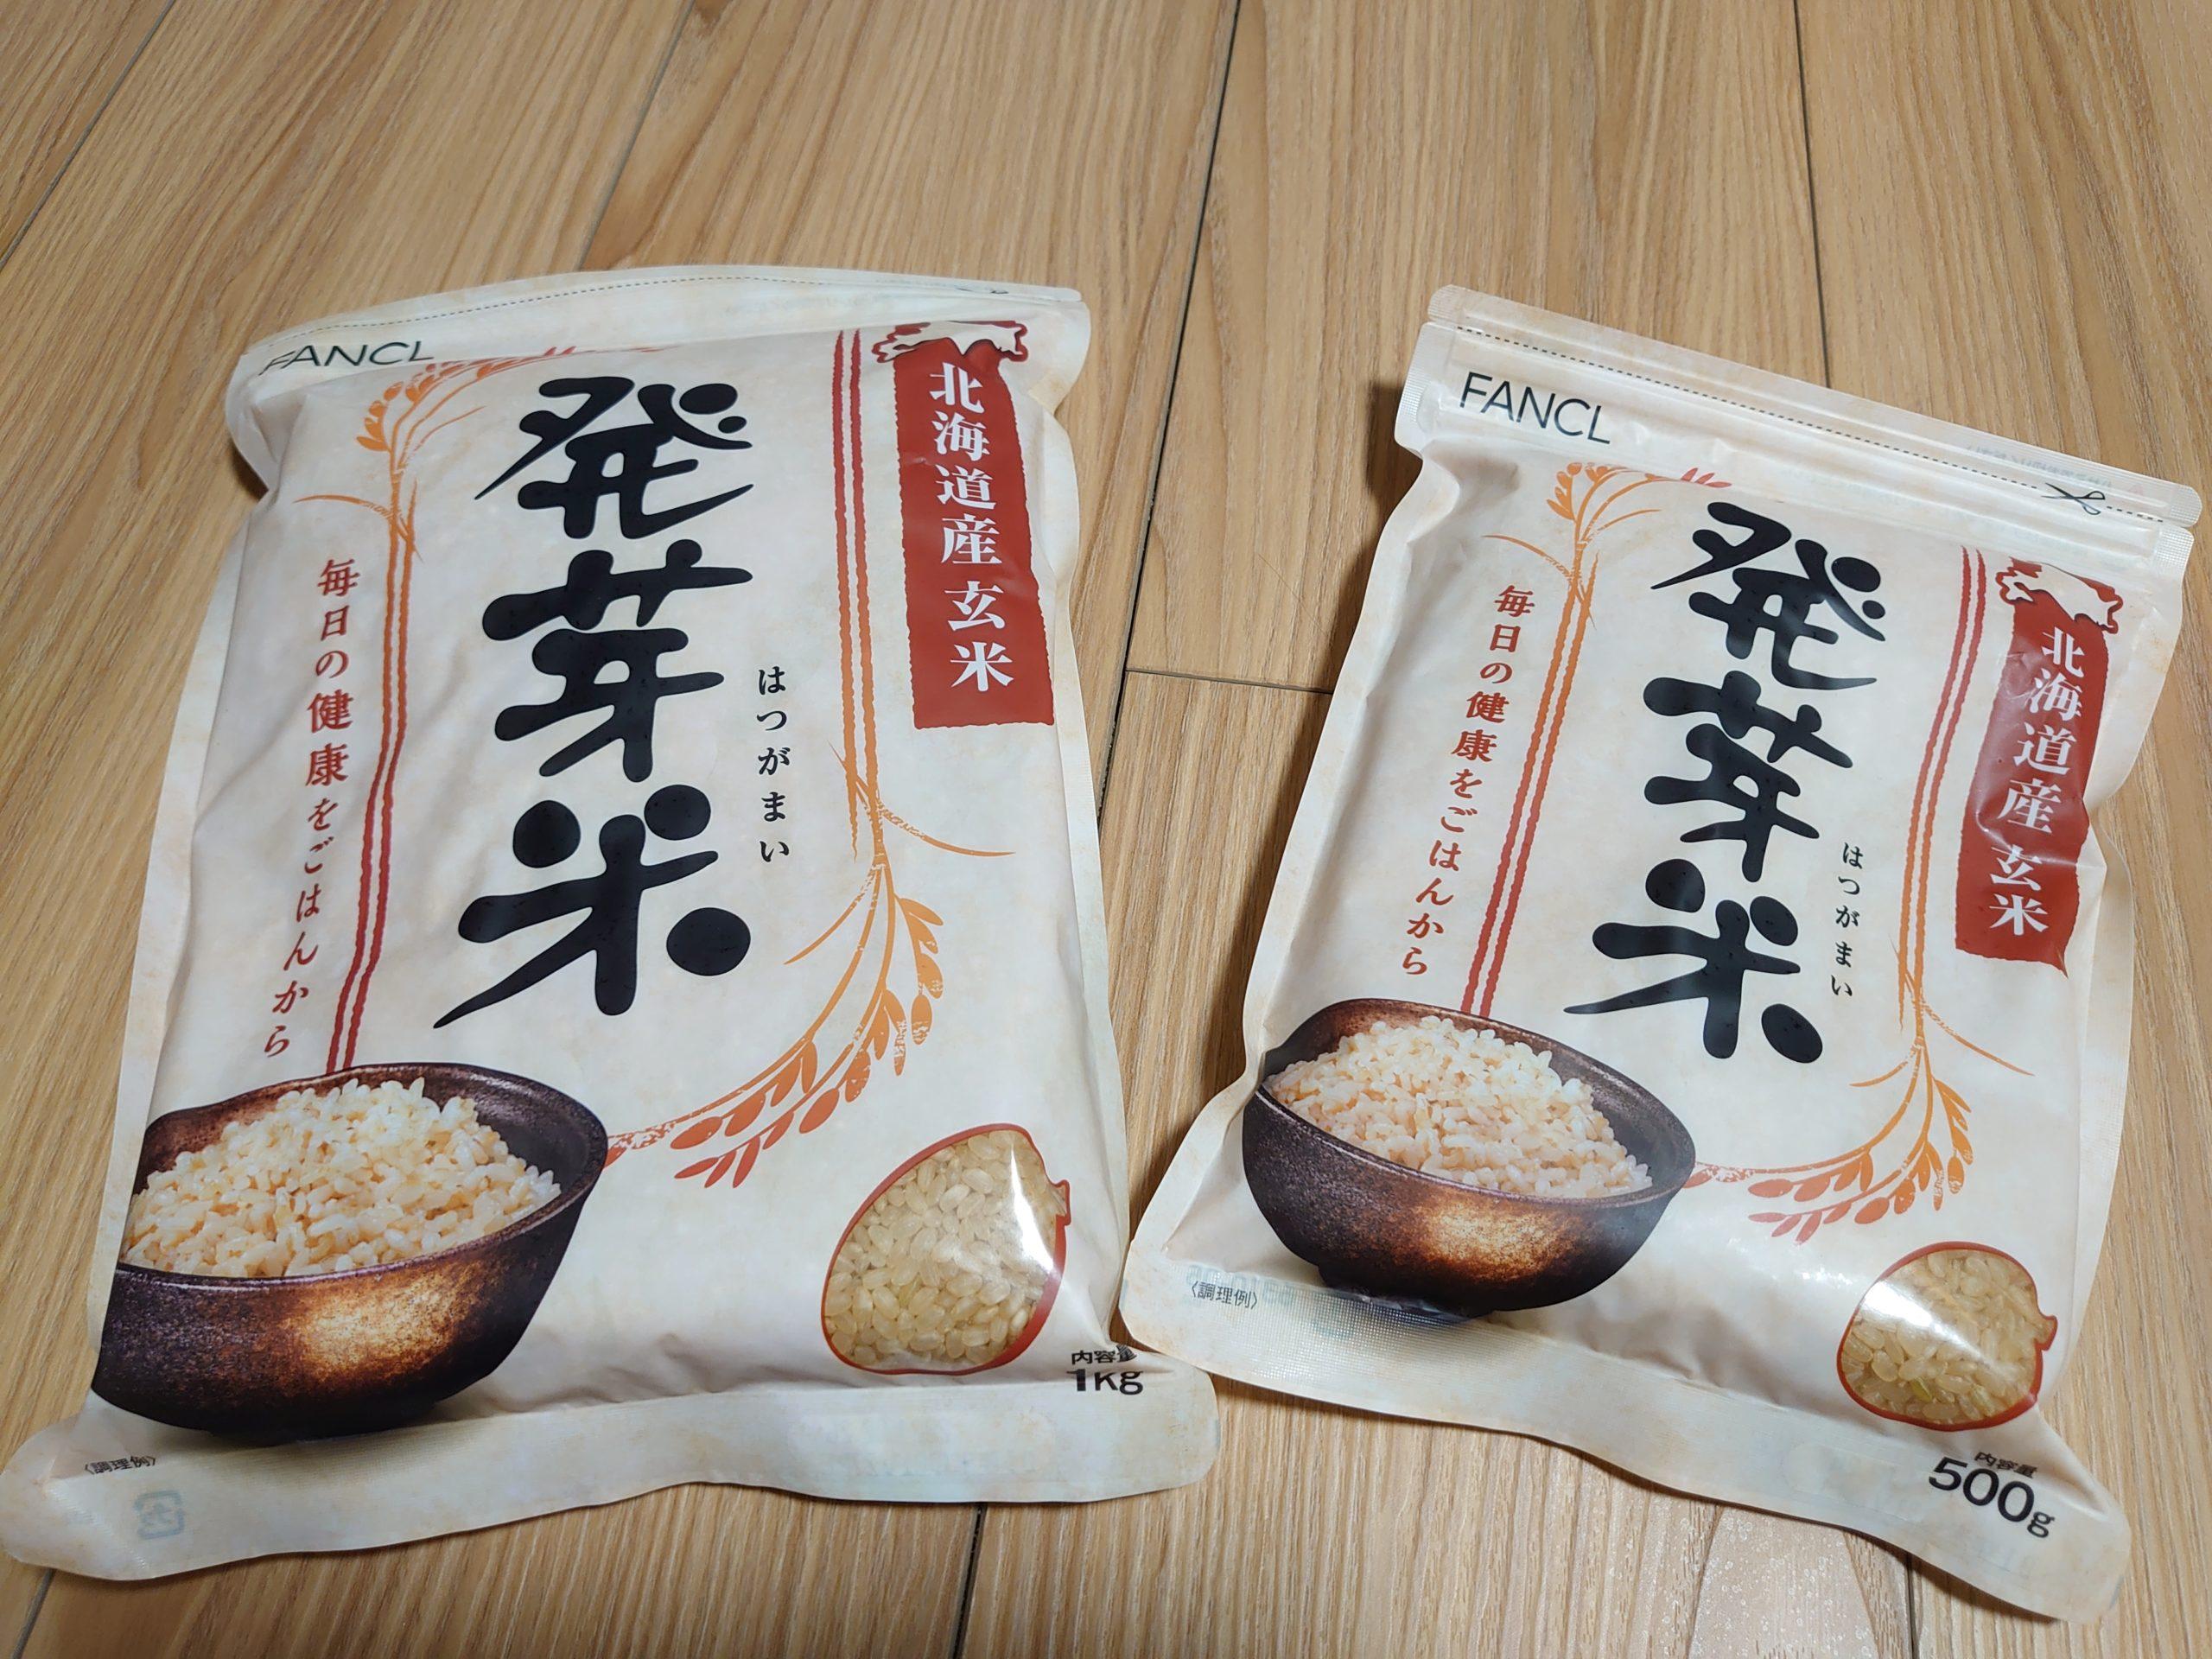 発芽米をファンケルで試してみた!ご飯を簡単ひと工夫!